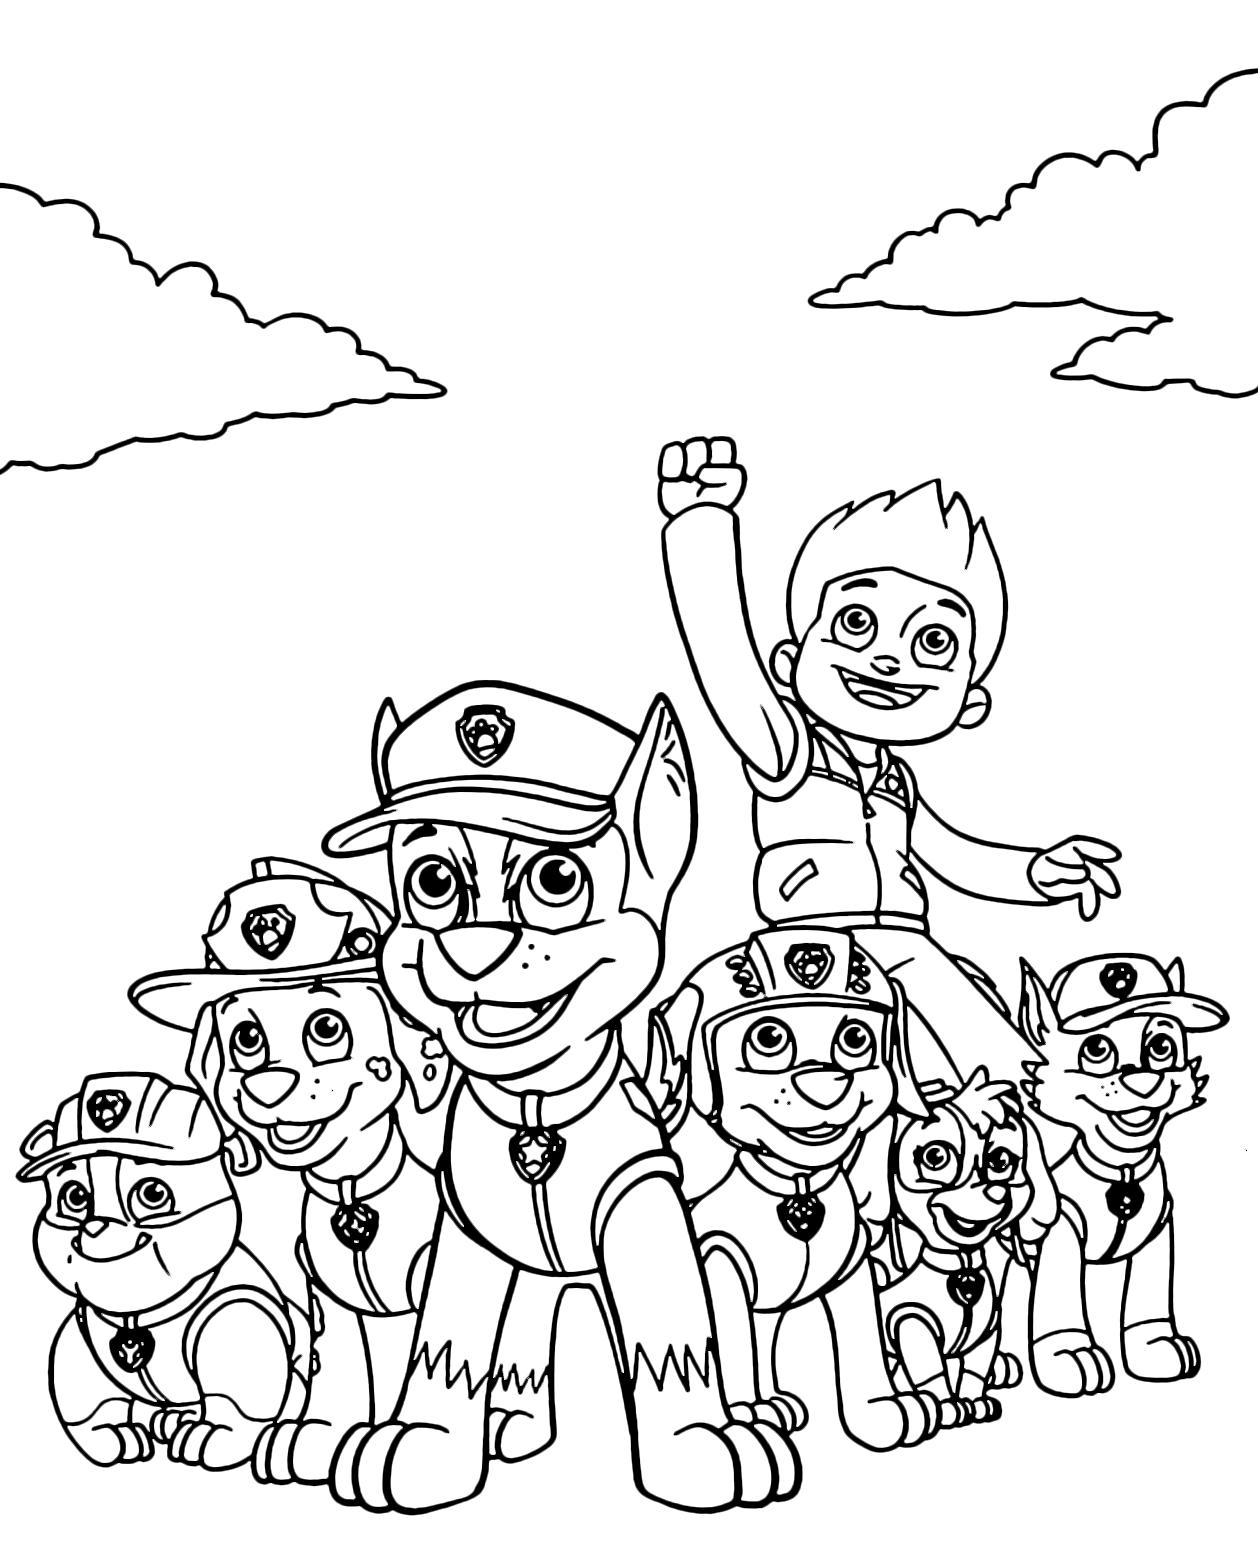 Paw patrol tutta la squadra dei paw patrol al completo for Disegni sport da colorare